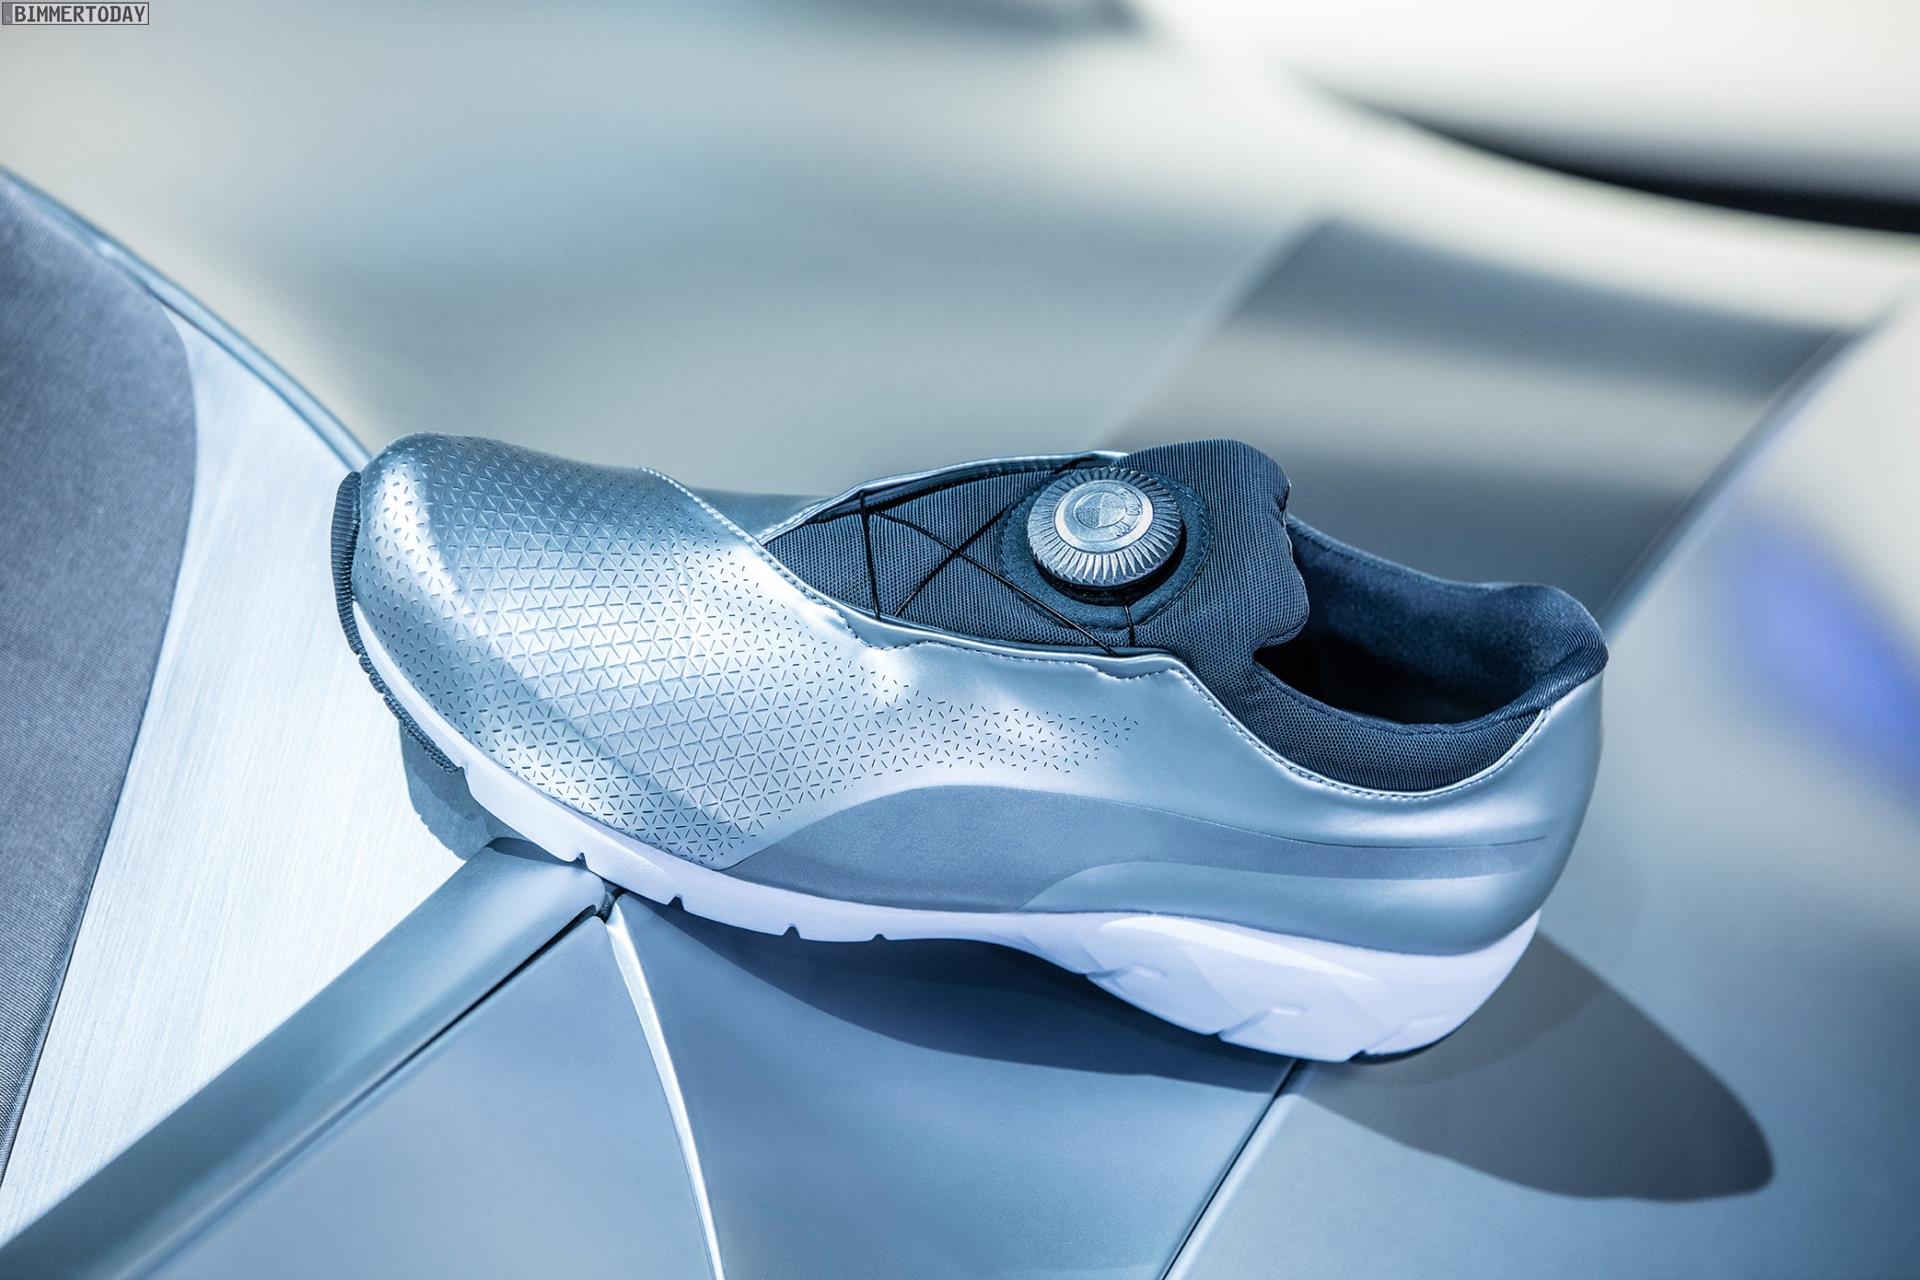 Designworks: BMW GINA als Inspiration für Puma Schuhe